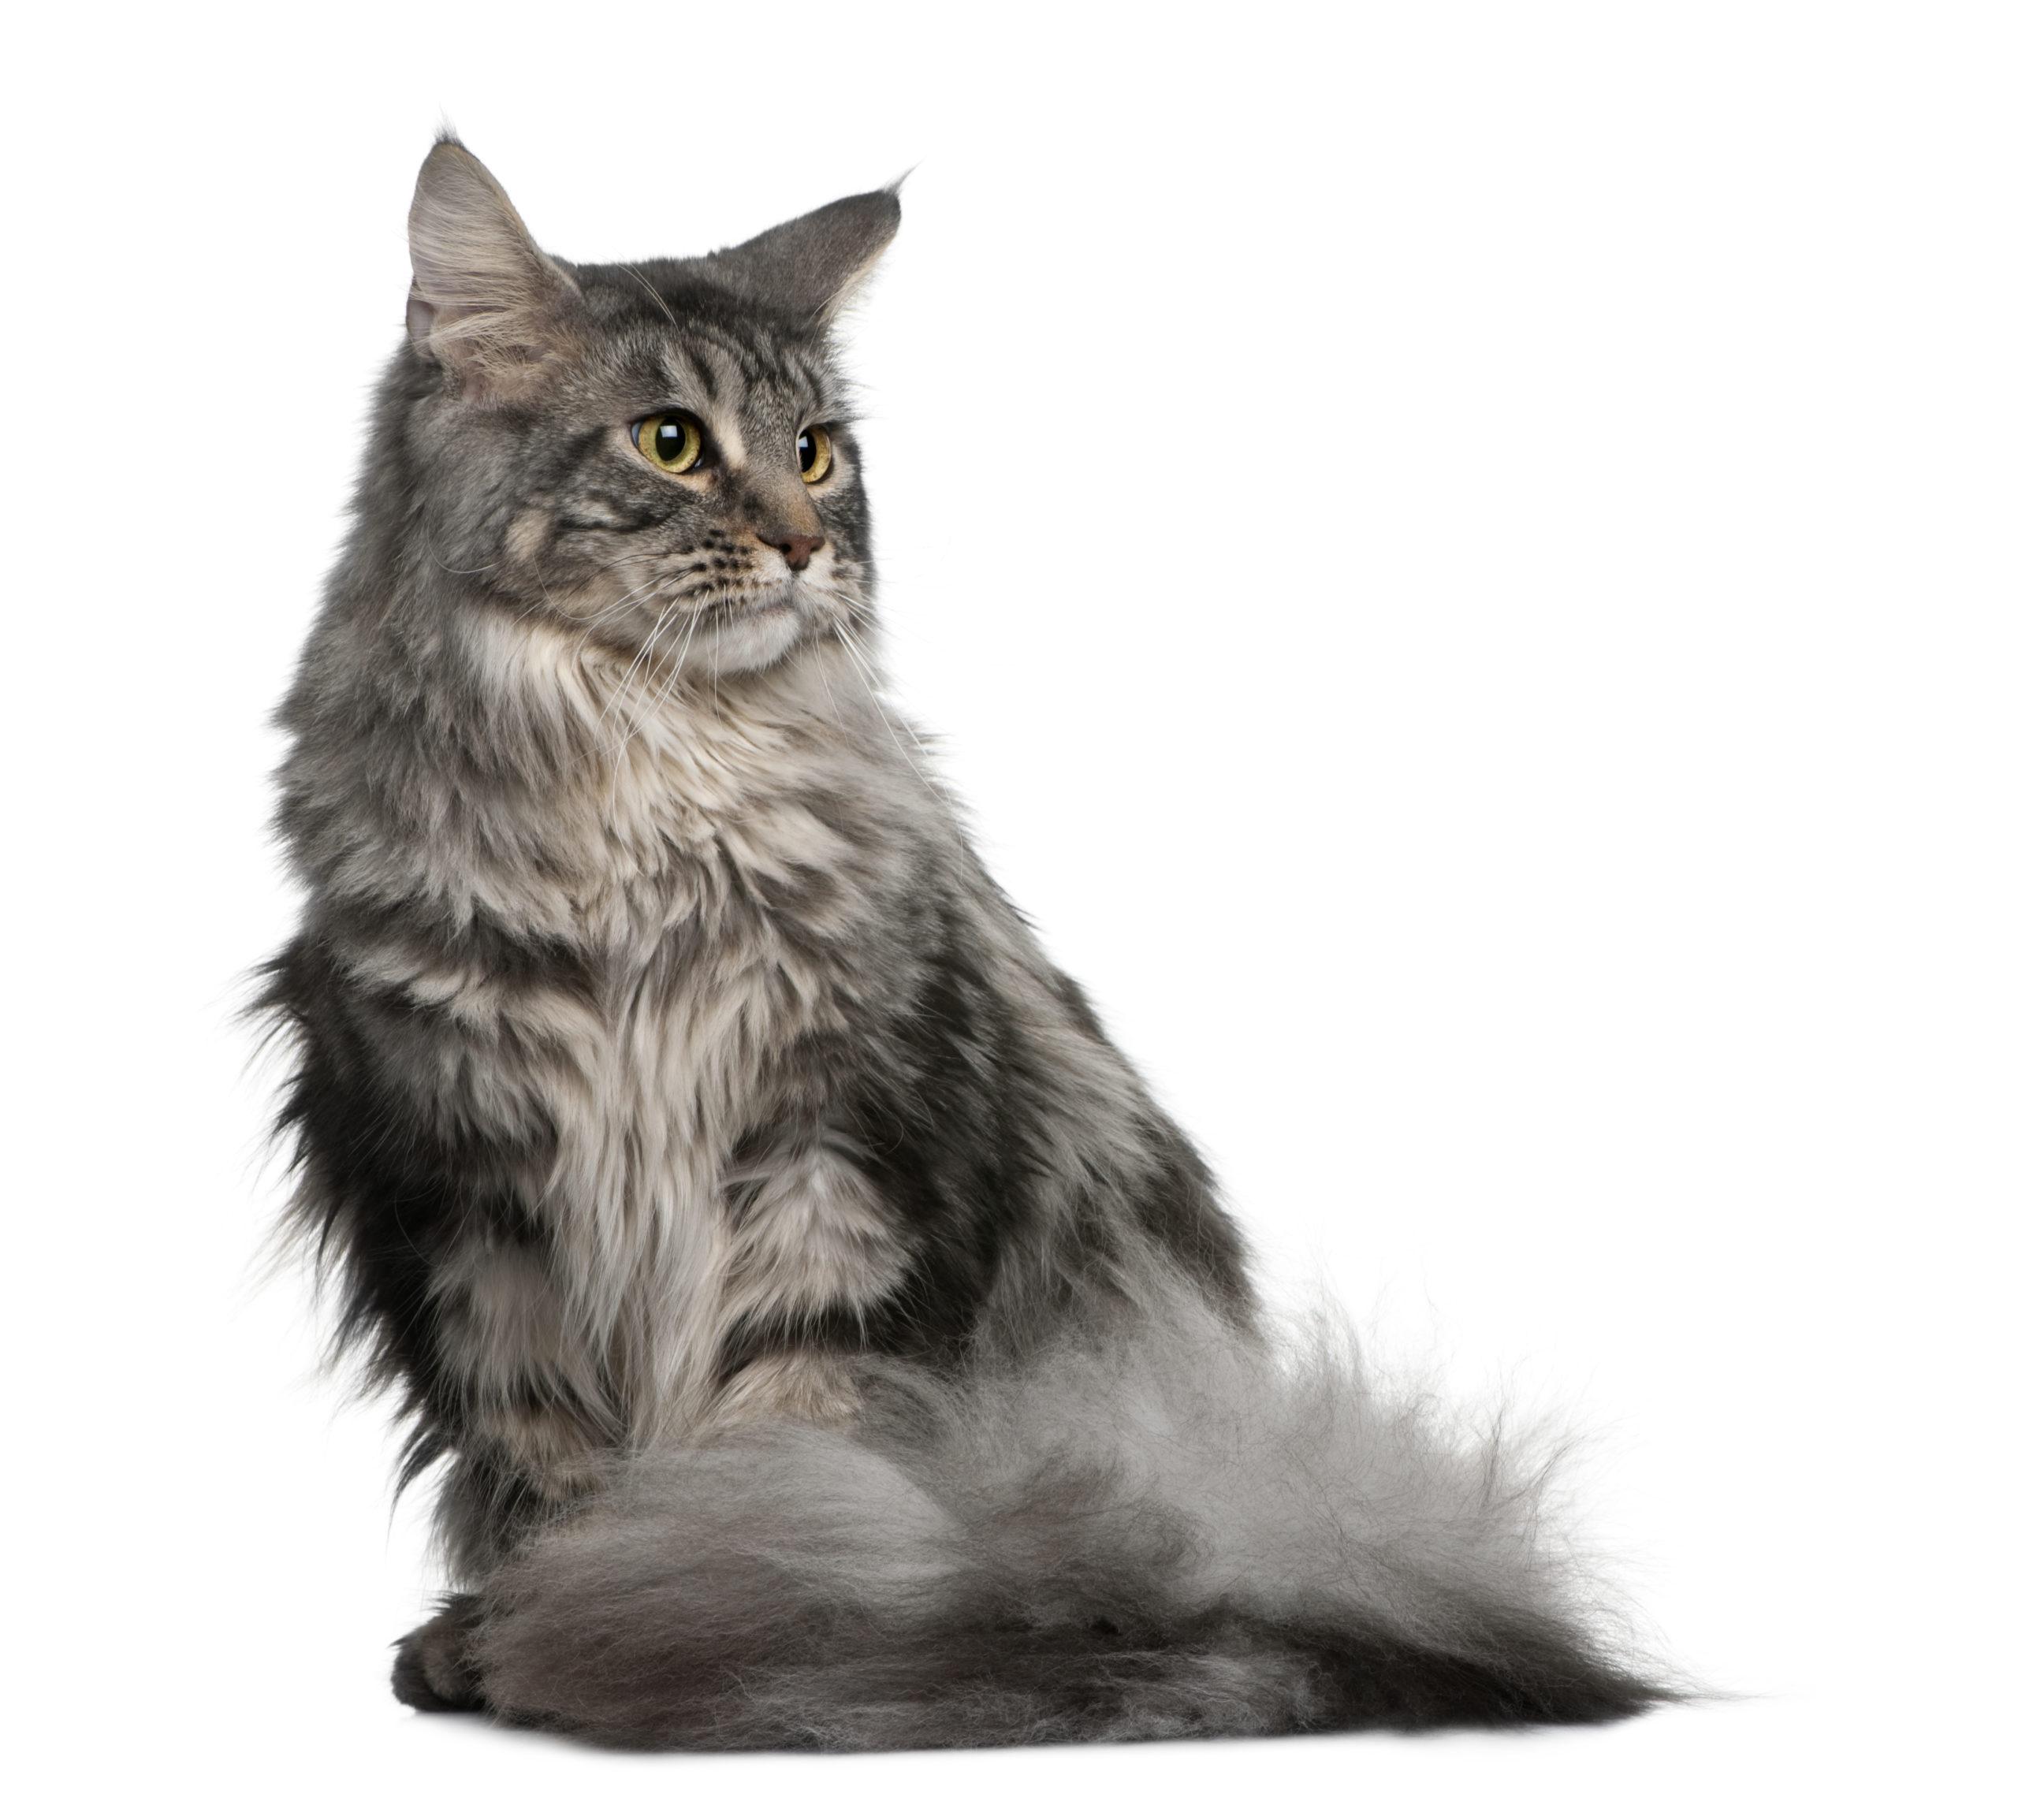 ネコの気持ちはシッポの動きで分かる?【8通りの気持ち別に解説】:まとめ